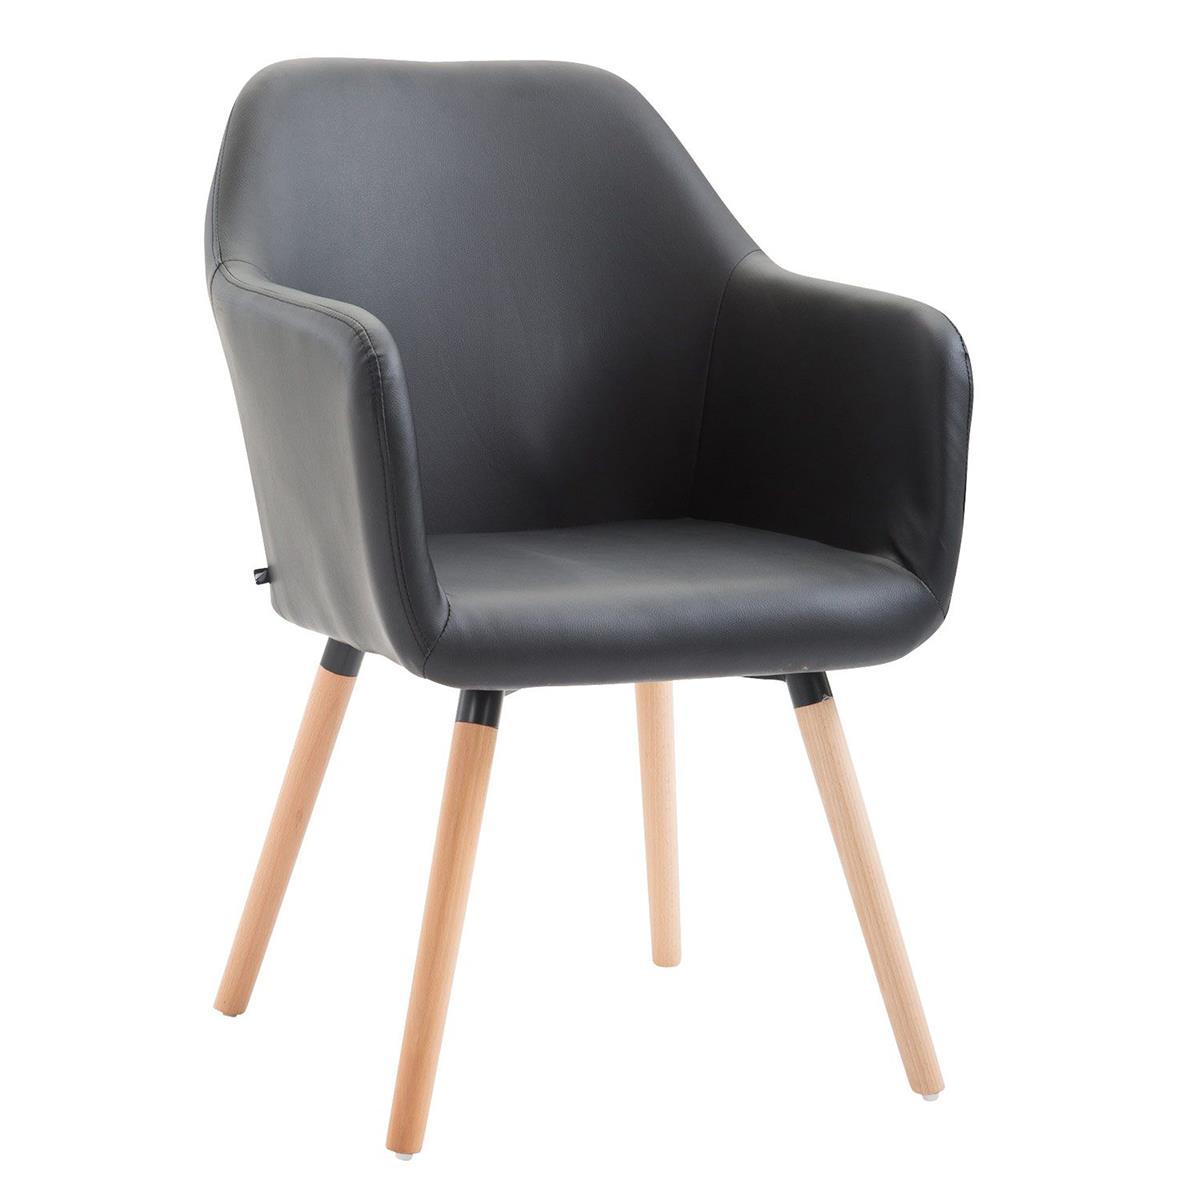 Sedia per sala d 39 attesa niebla pelle design sofisticato for Sedia design comoda